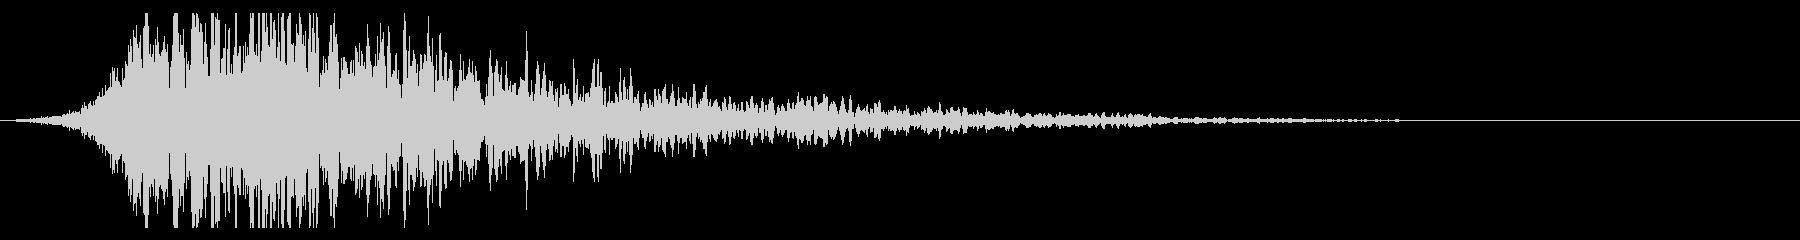 シュードーン-18-2(インパクト音)の未再生の波形